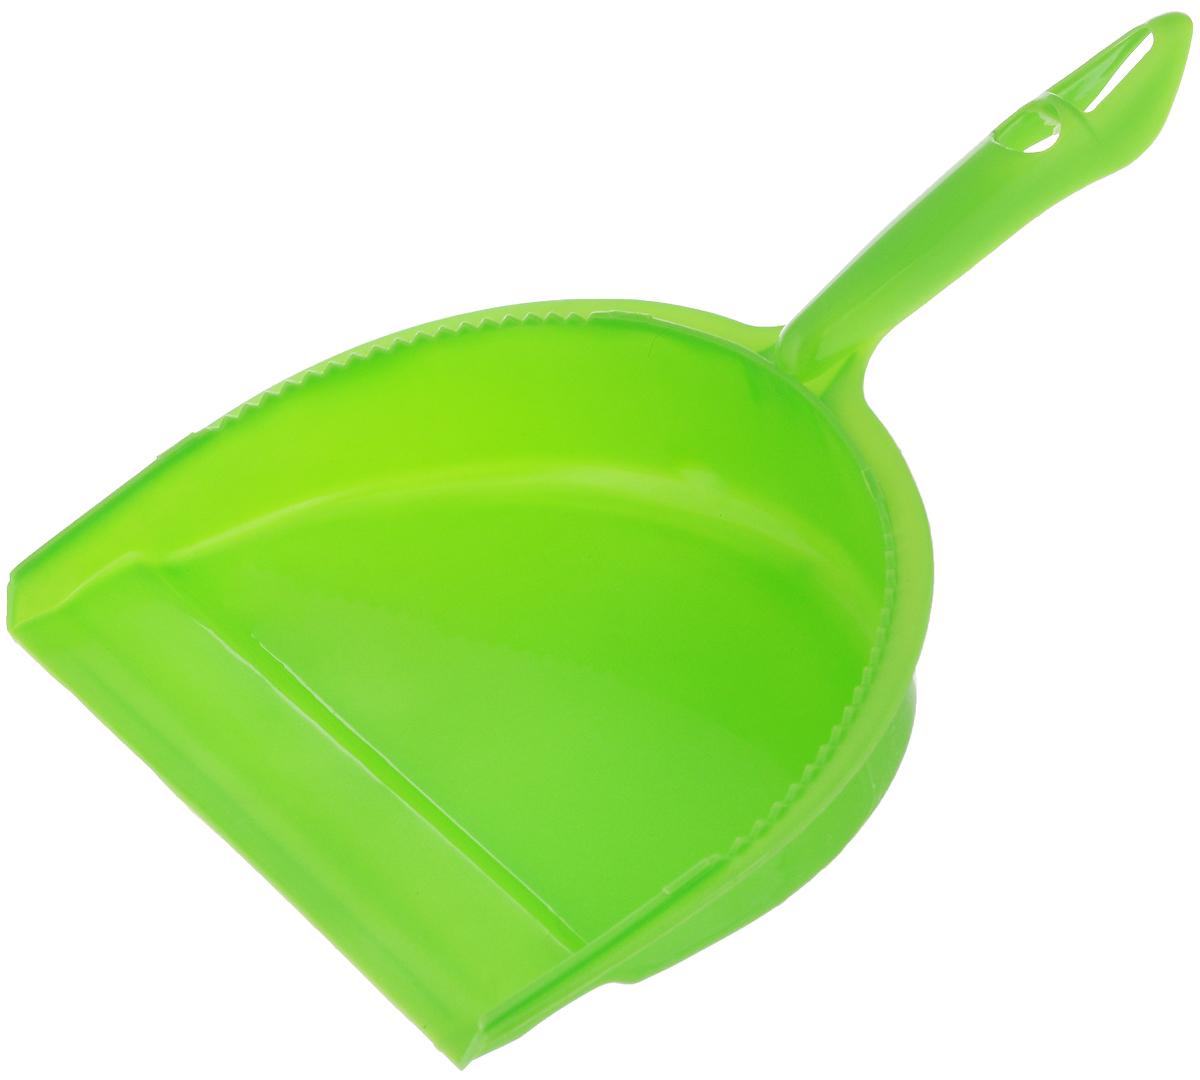 Совок для мусора Фэйт Джокер, цвет: зеленый1.4.02.1862Совок Фэйт Джокер предназначен для сбора мусора и пыли при уборке помещений. Он выполнен из прочного пластика и имеет удобную эргономическую ручку. Длина совка: 28,5 см. Ширина совка: 21 см.